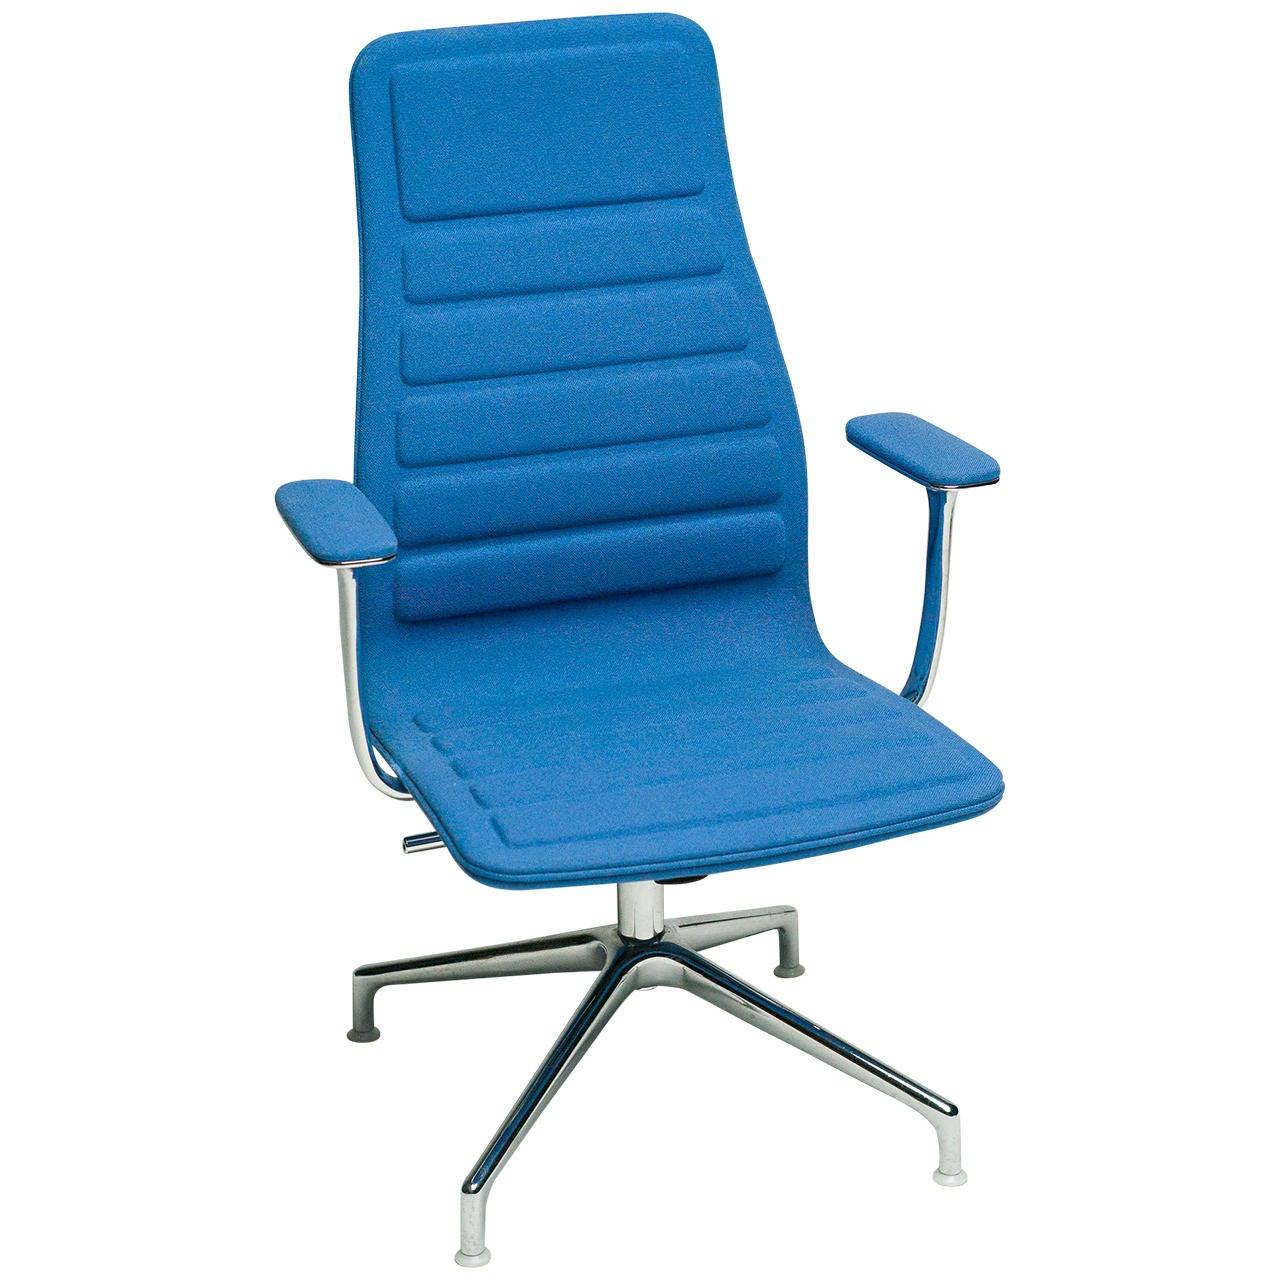 lotus chair designed by jasper morrison at 1stdibs. Black Bedroom Furniture Sets. Home Design Ideas